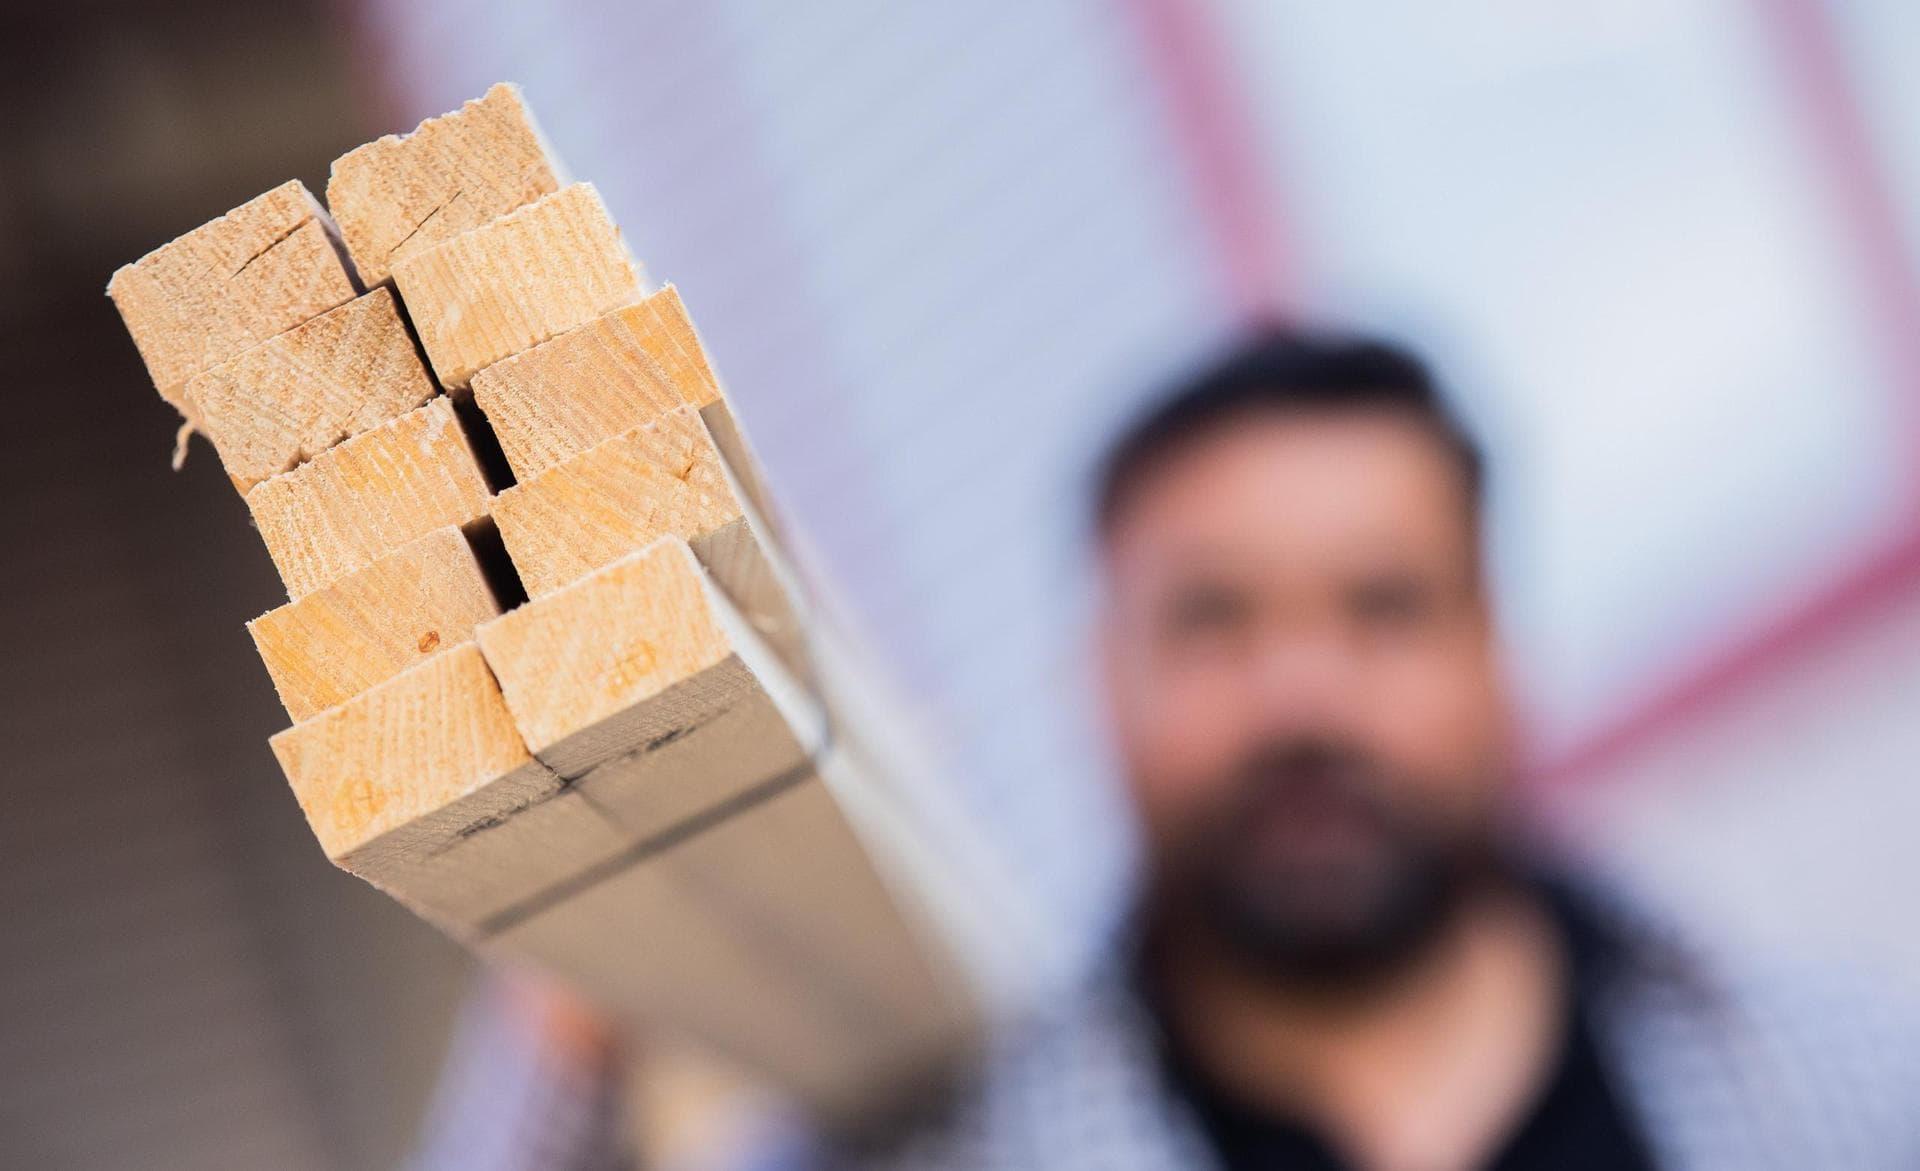 Mehr Aufträge für Bauhauptgewerbe – aber Baustoff-Probleme Konjunktur